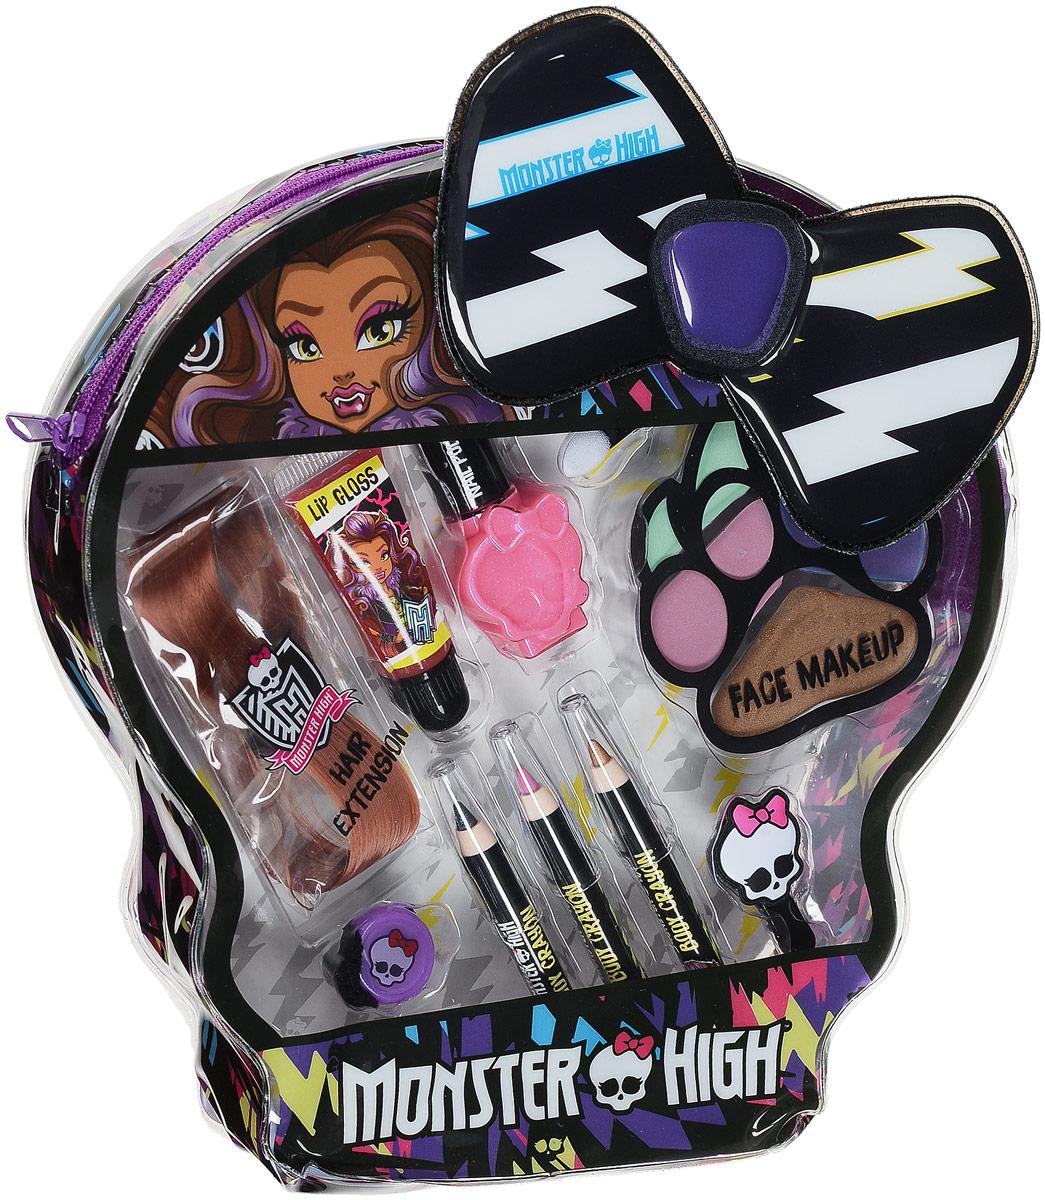 детская косметика монстер хай купить в интернет